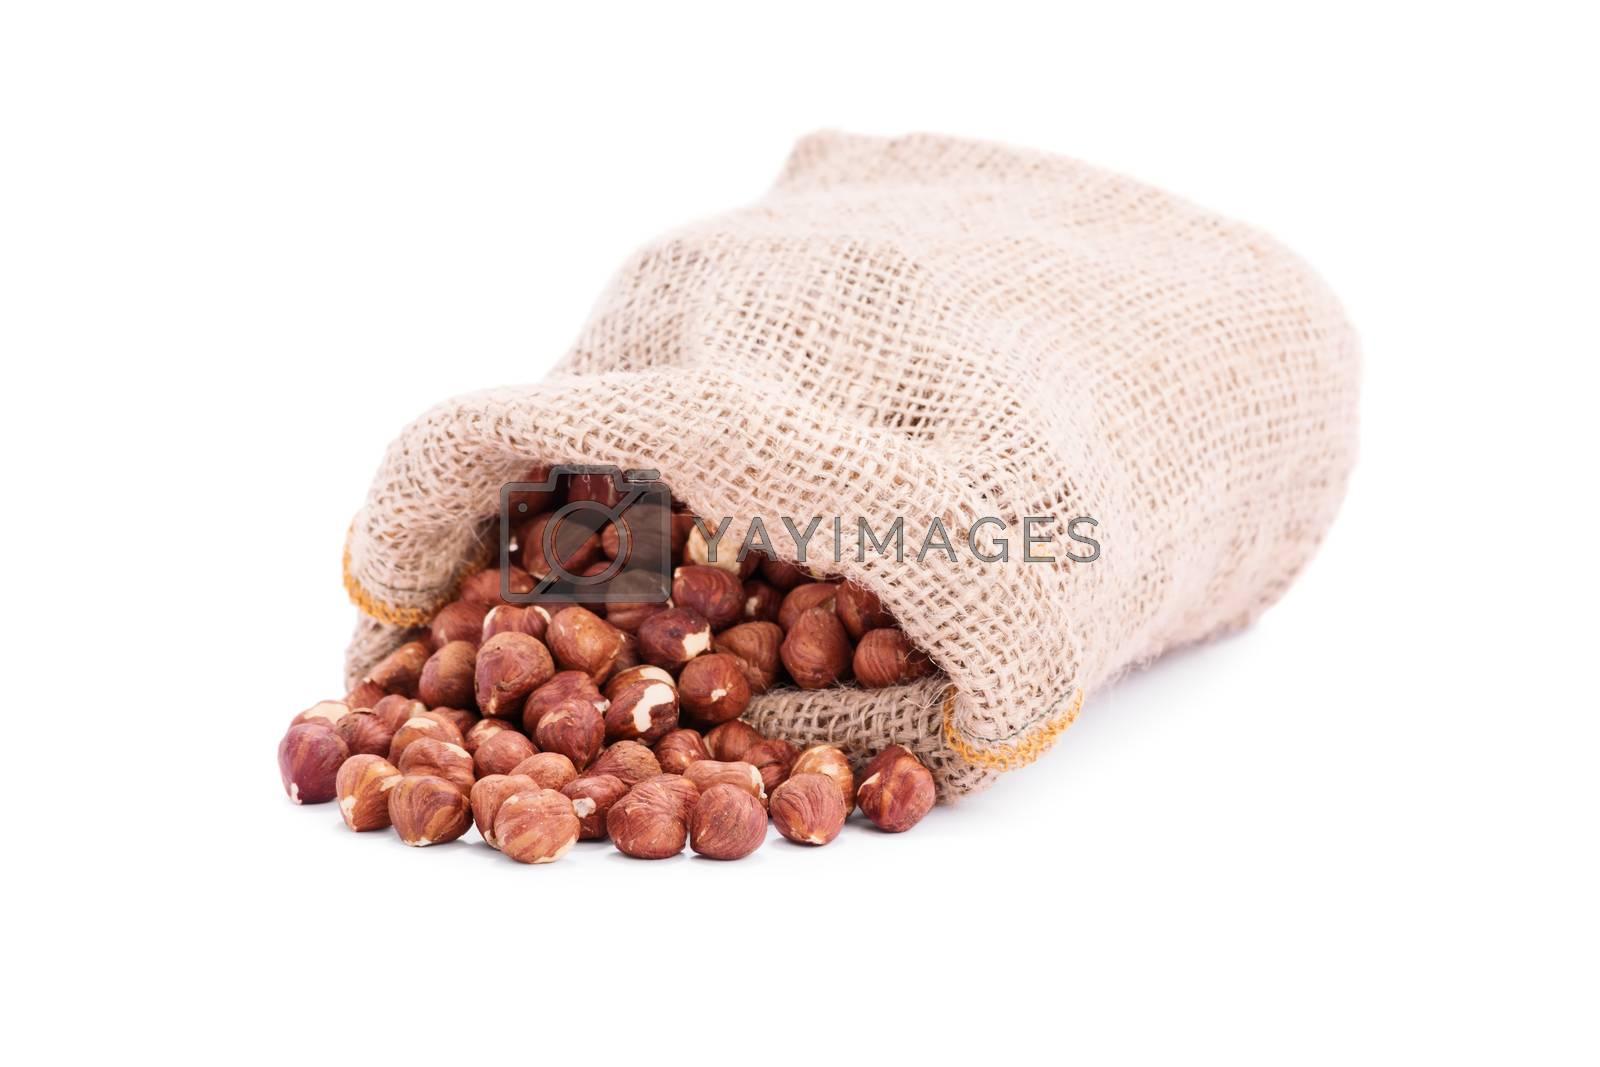 Spilled burlap sack of hazelnuts, isolated on white background.